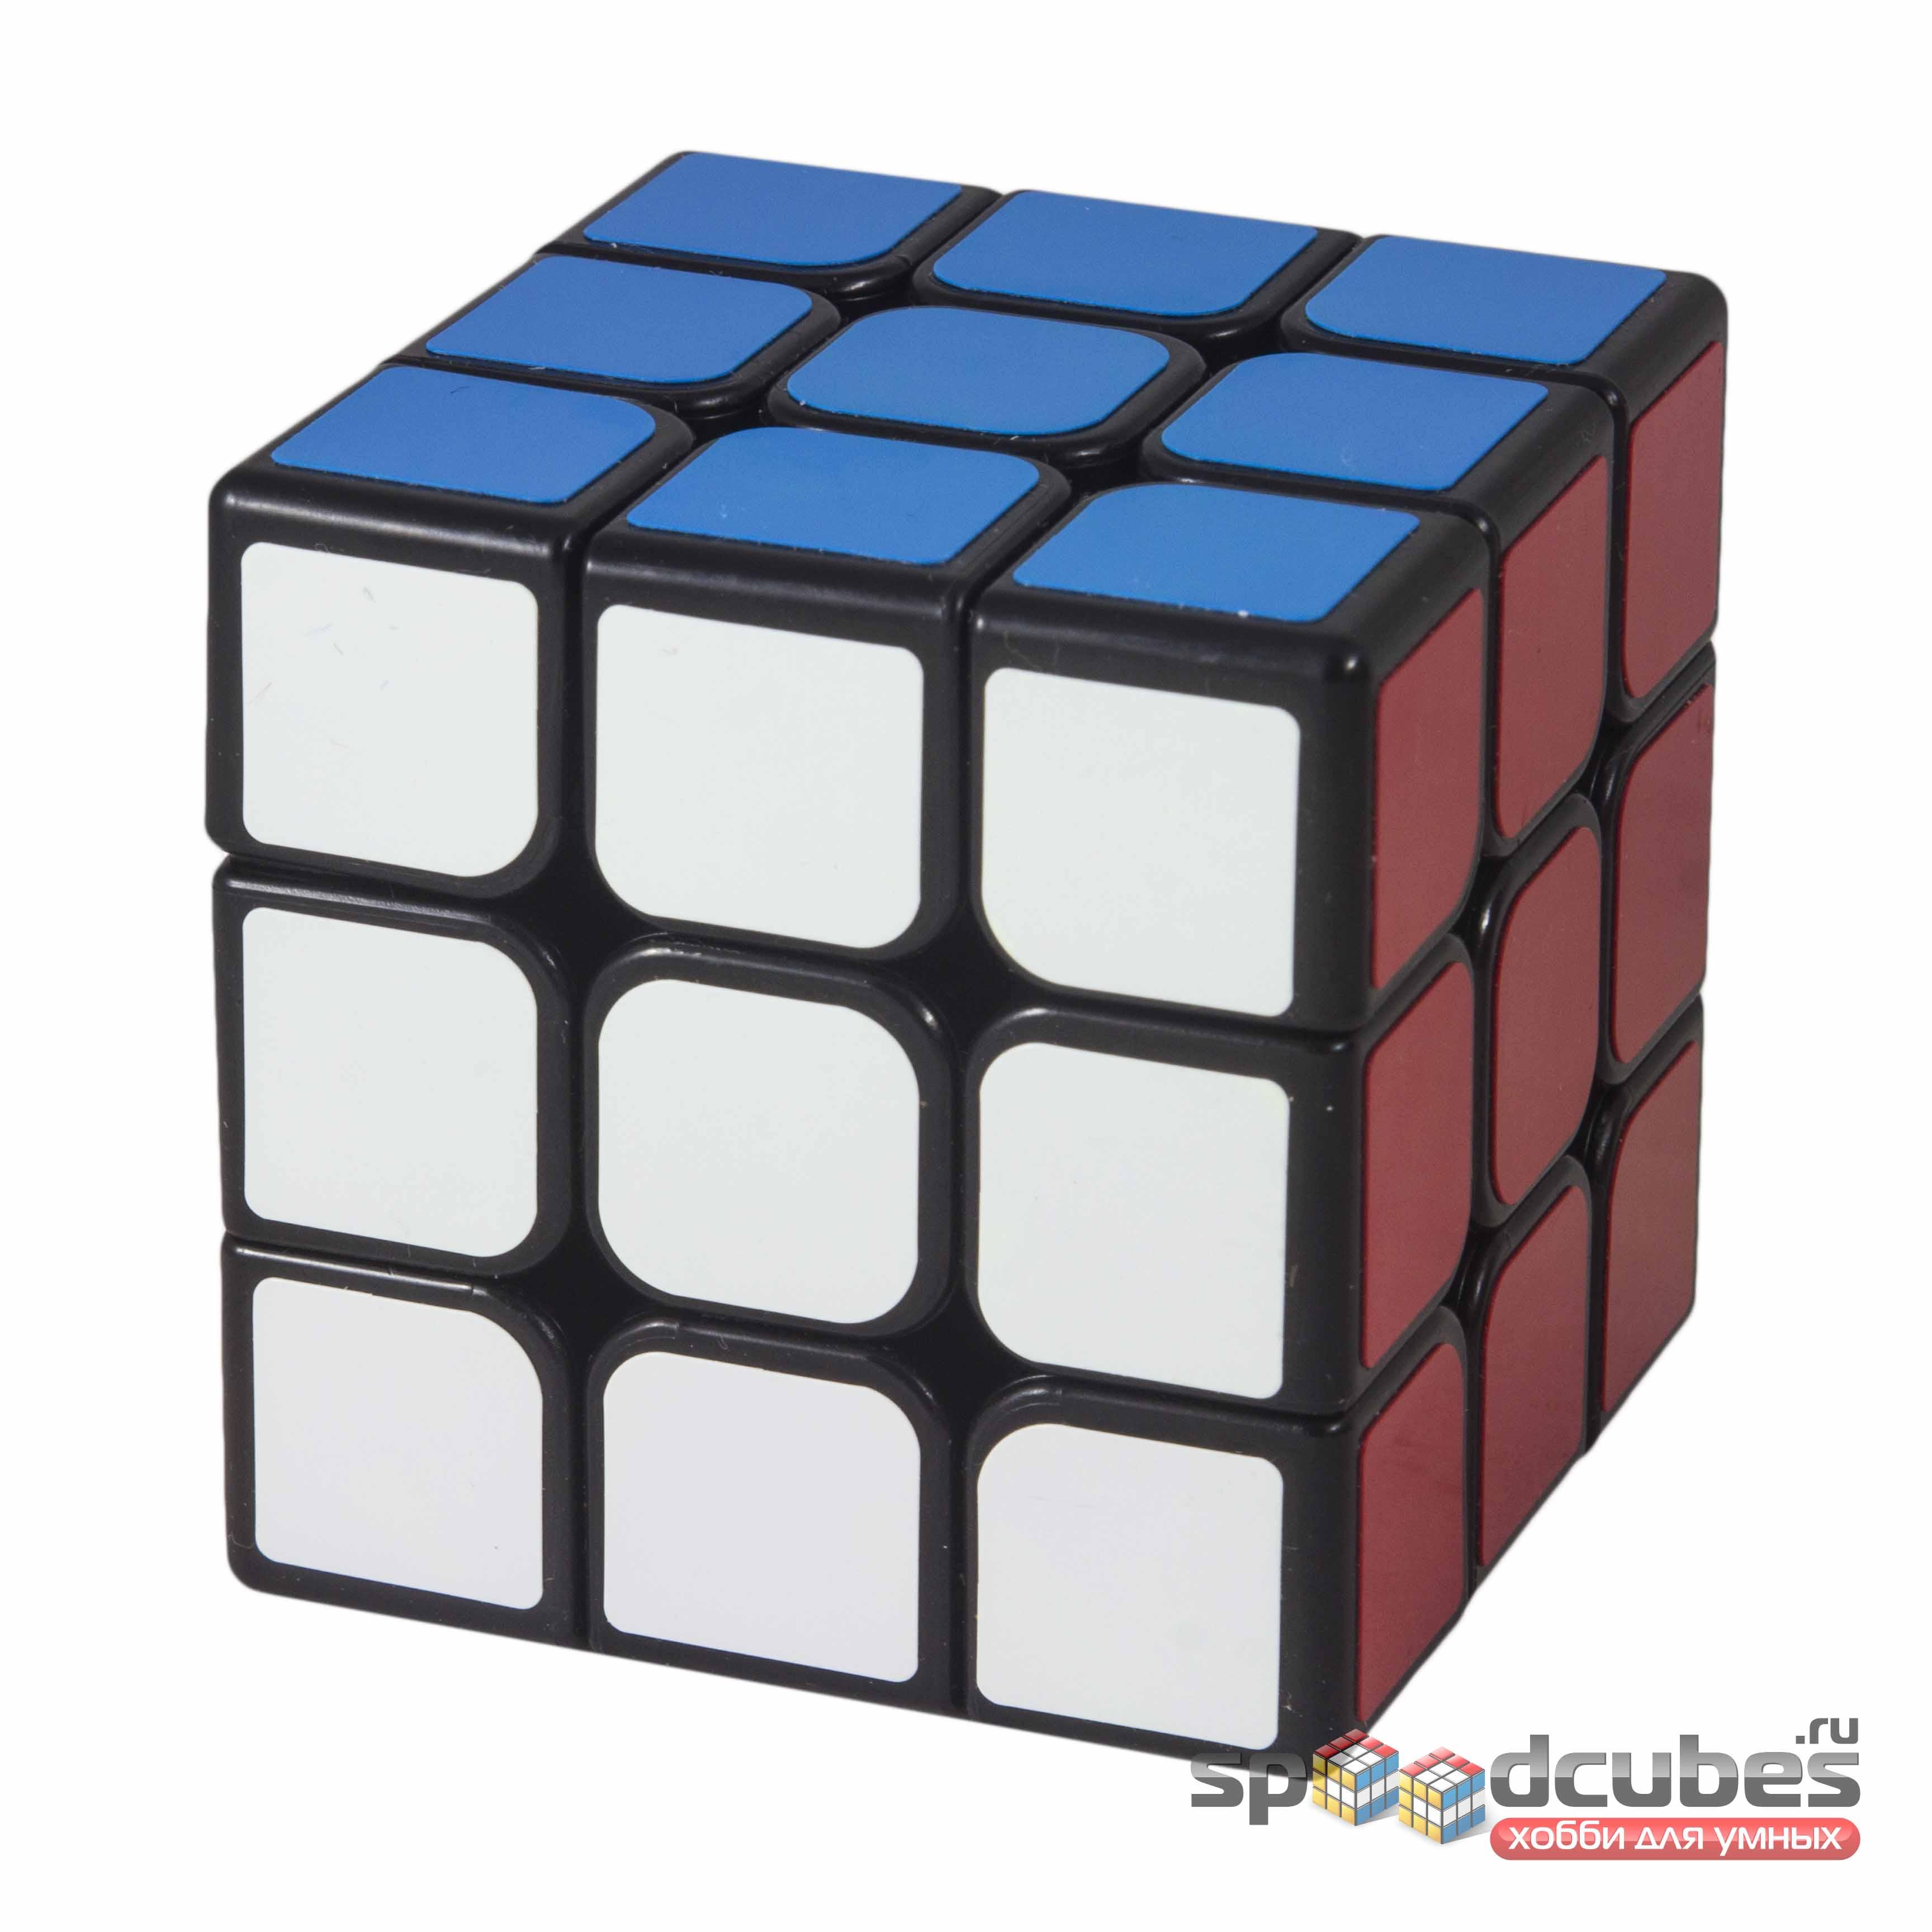 Moyu (yj) 3x3x3 Guanlong V3 Black 1